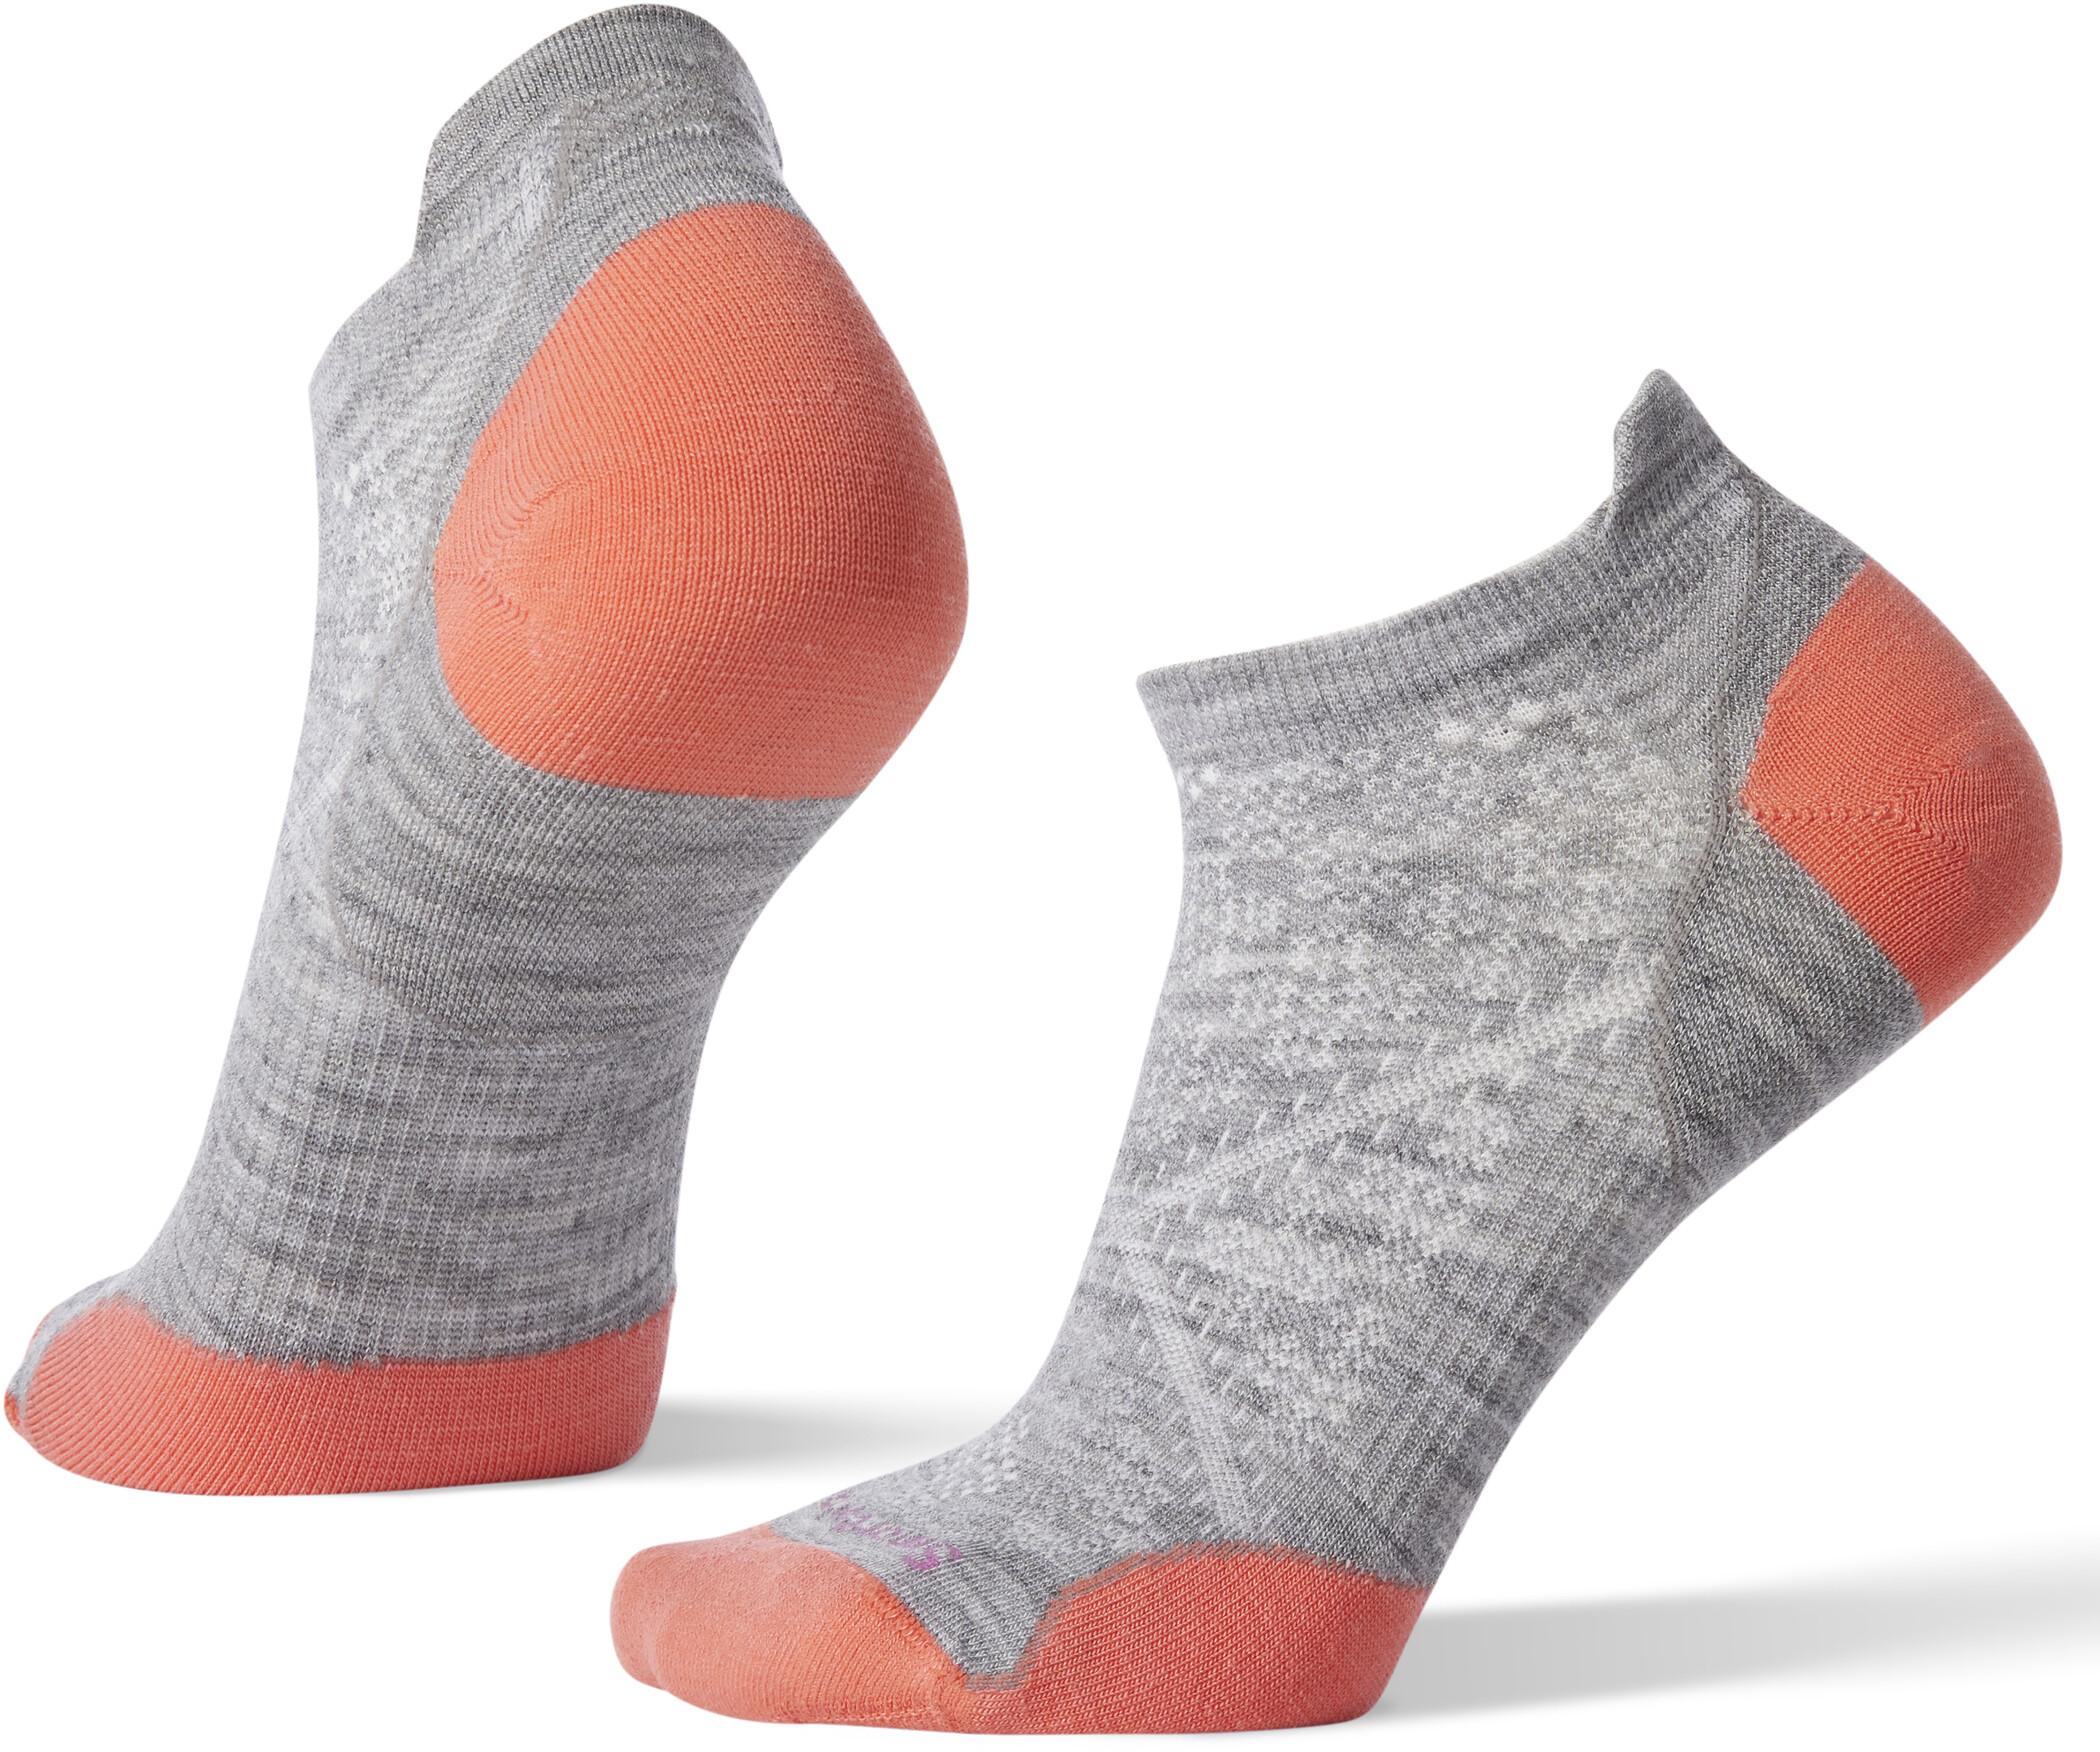 Smartwool PhD Run Ultra Light Micro Strømper Damer, light gray (2019) | Socks